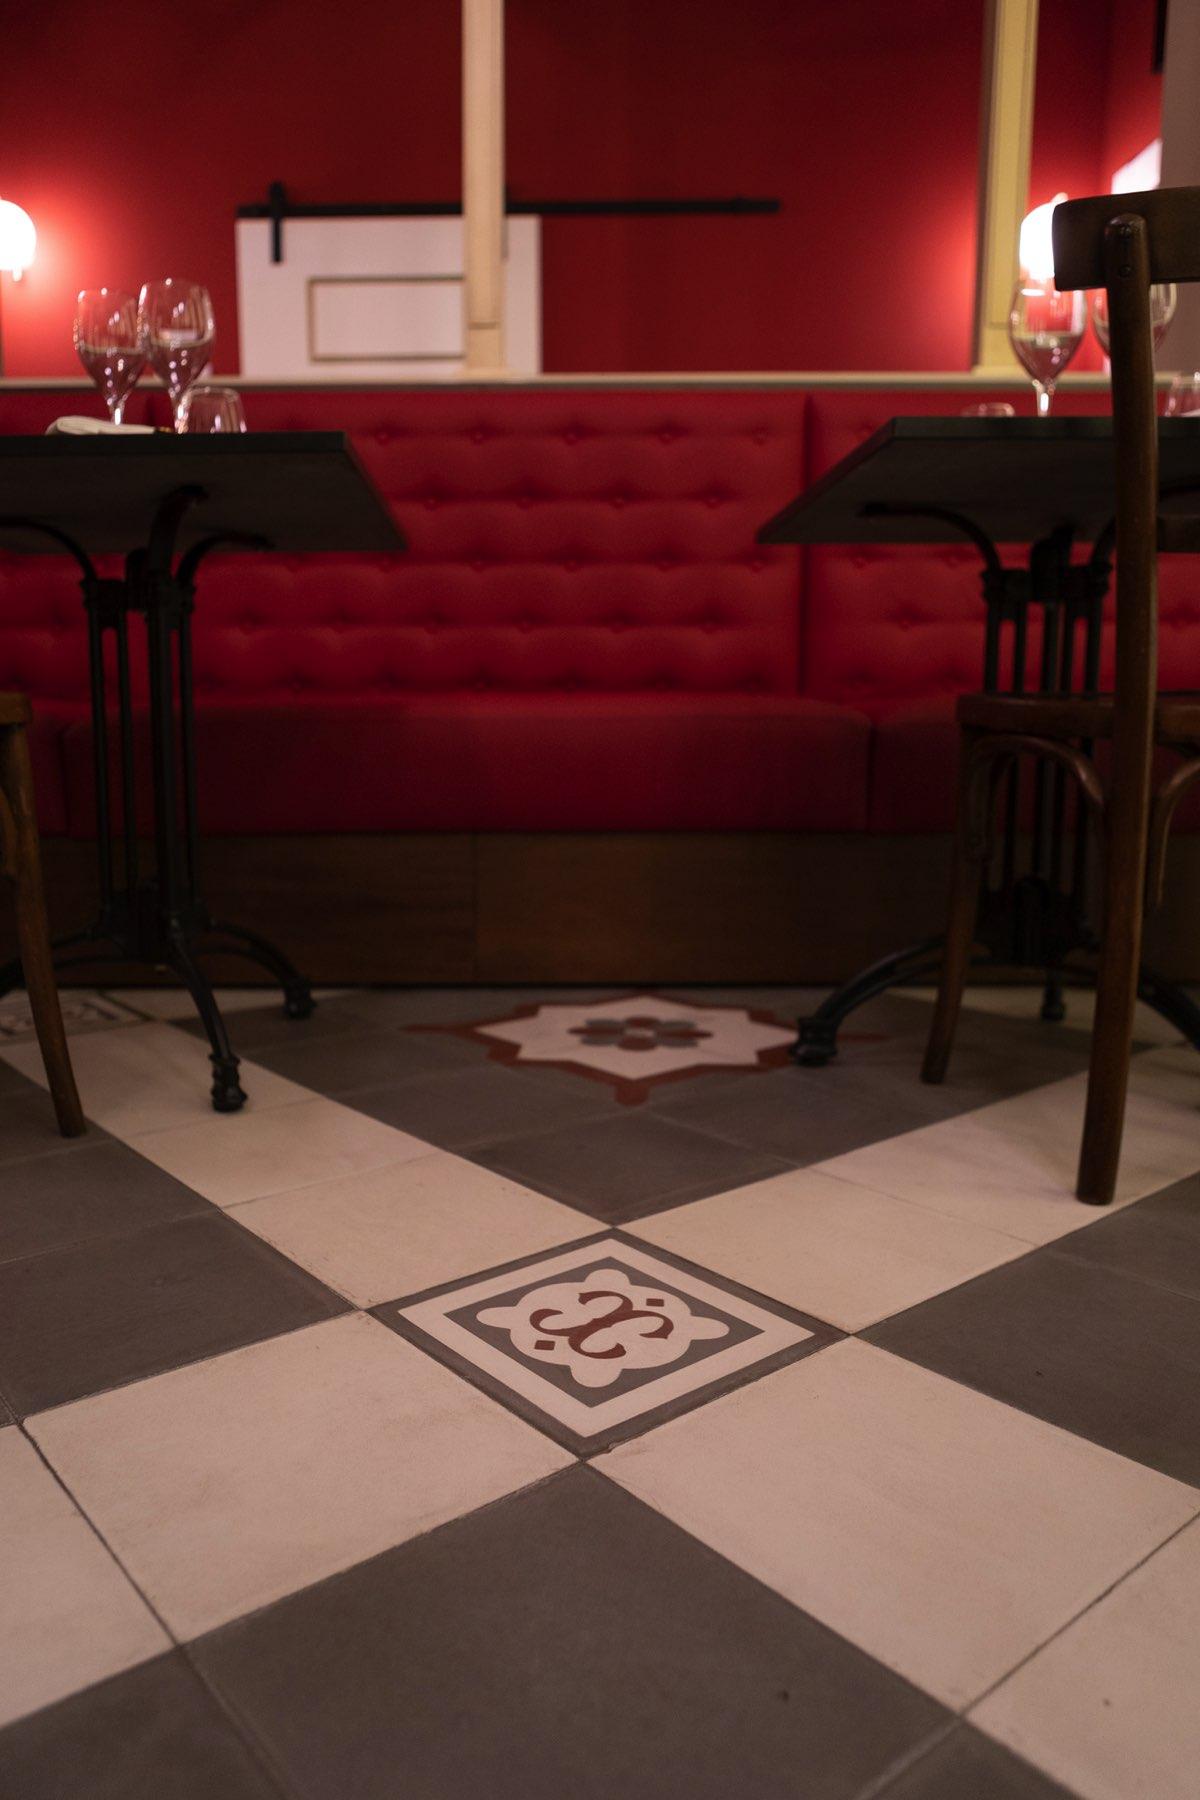 Dettaglio delle pavimentazioni con incise delle decorazioni